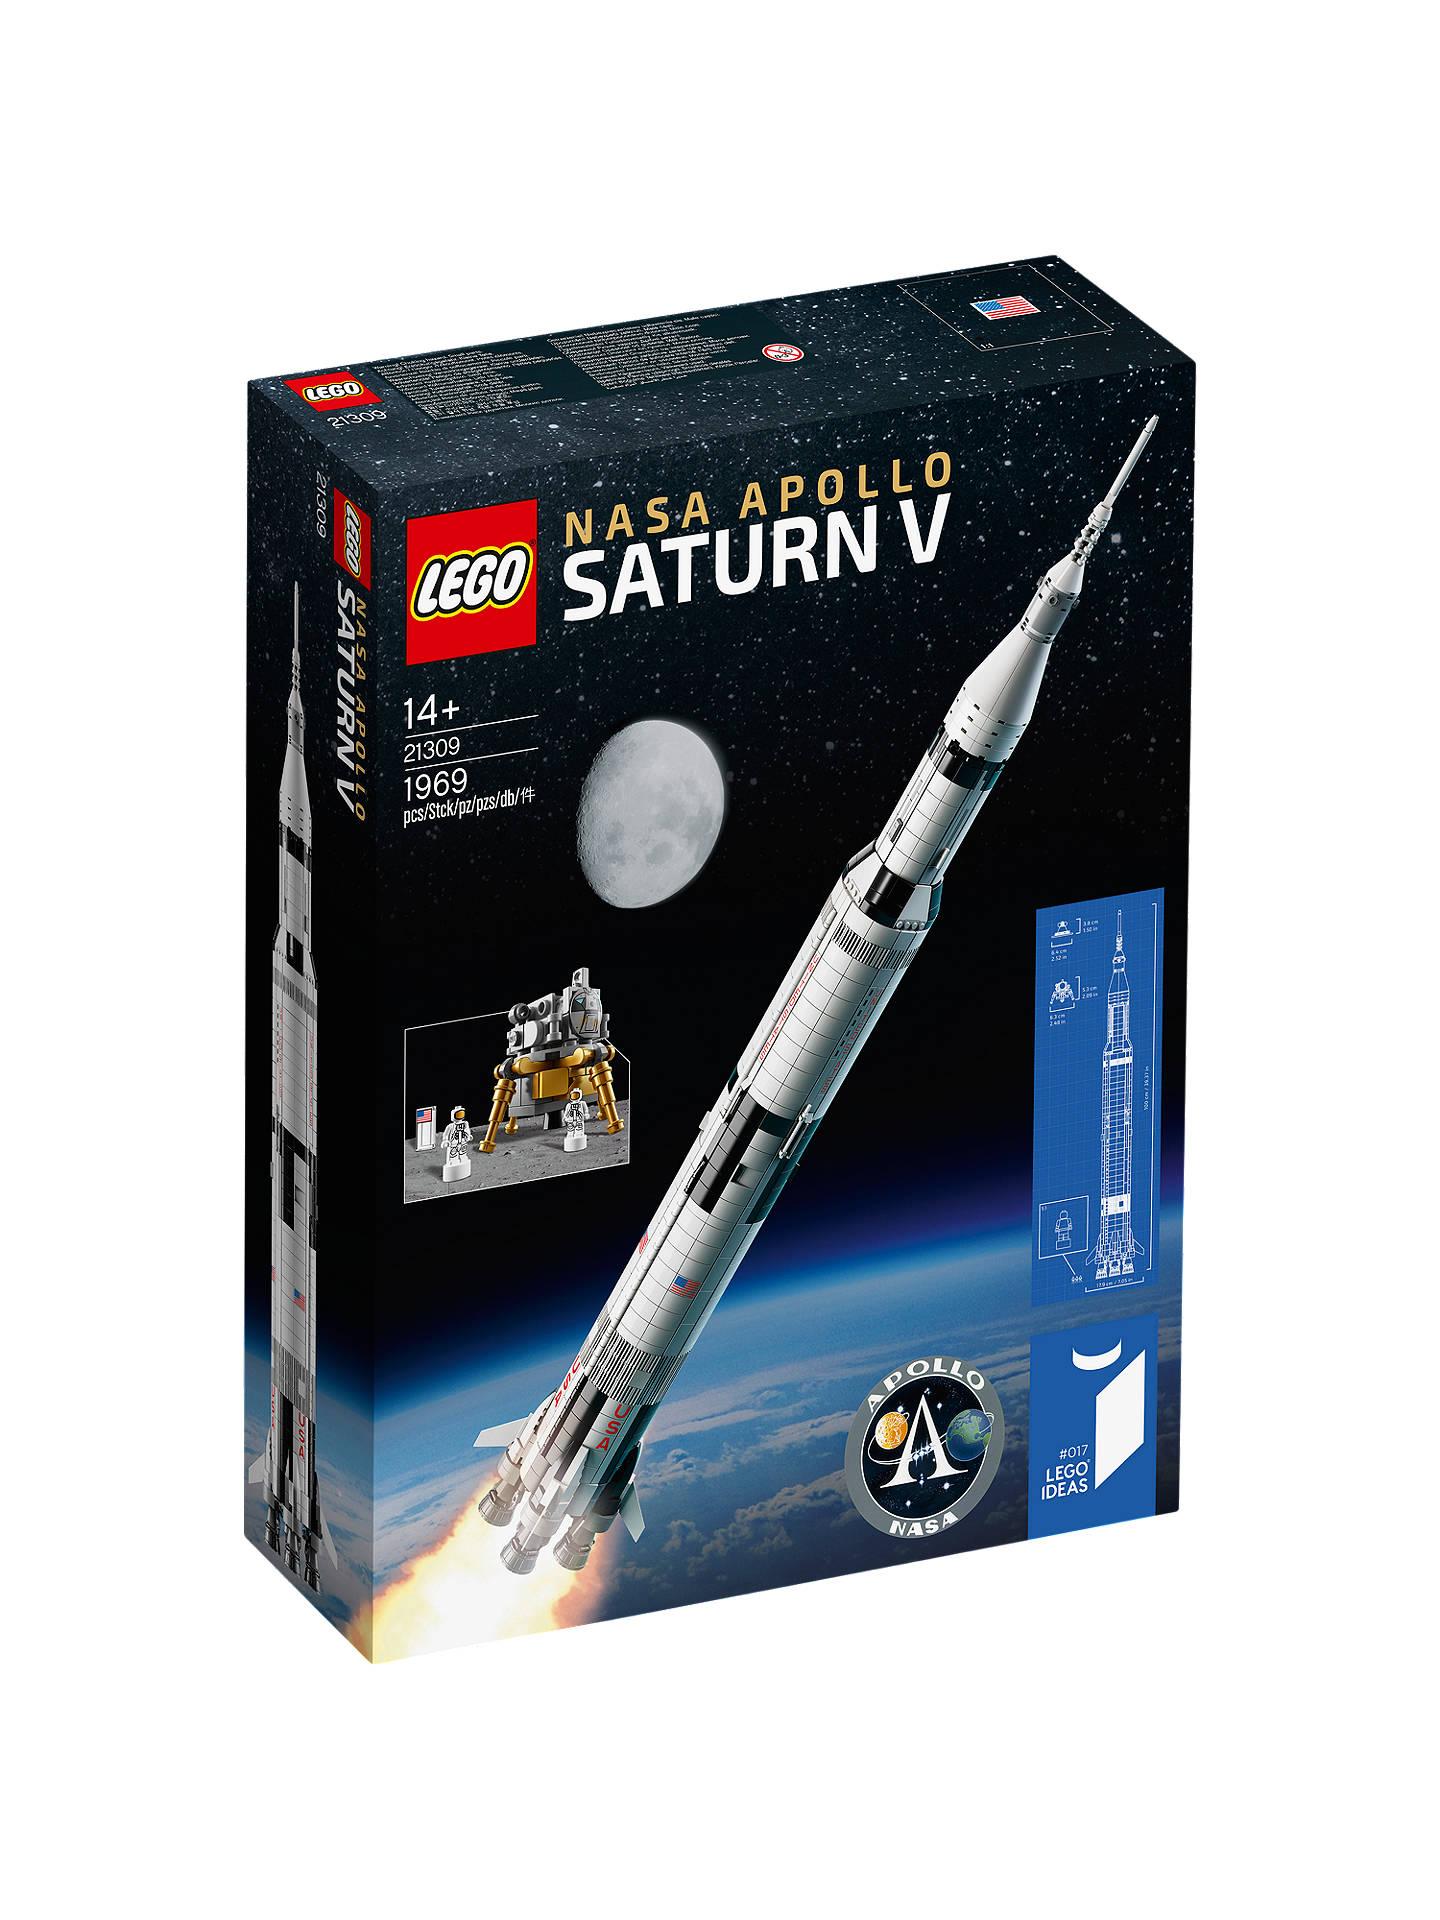 Lego Ideas 21309 NASA Apollo Saturn V £82.49 John Lewis & Partners